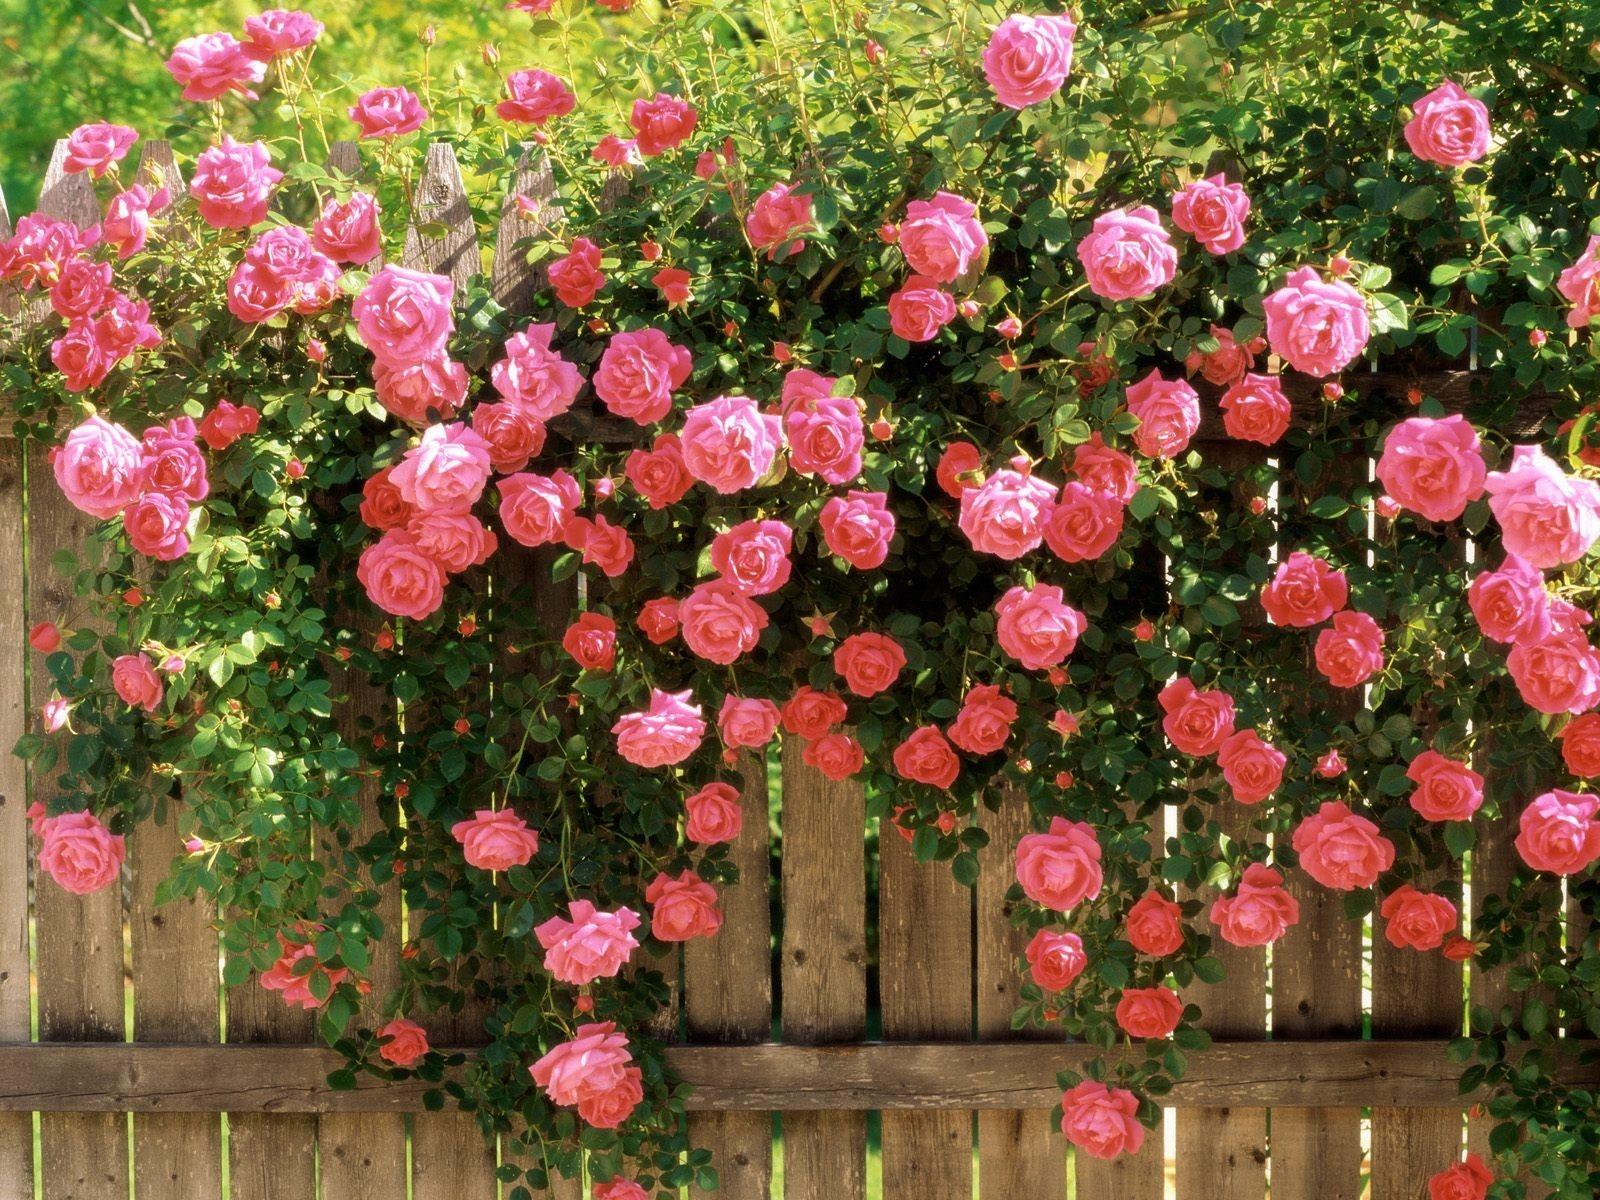 розы выращивание роз плетистые розы вертикальное озеленение